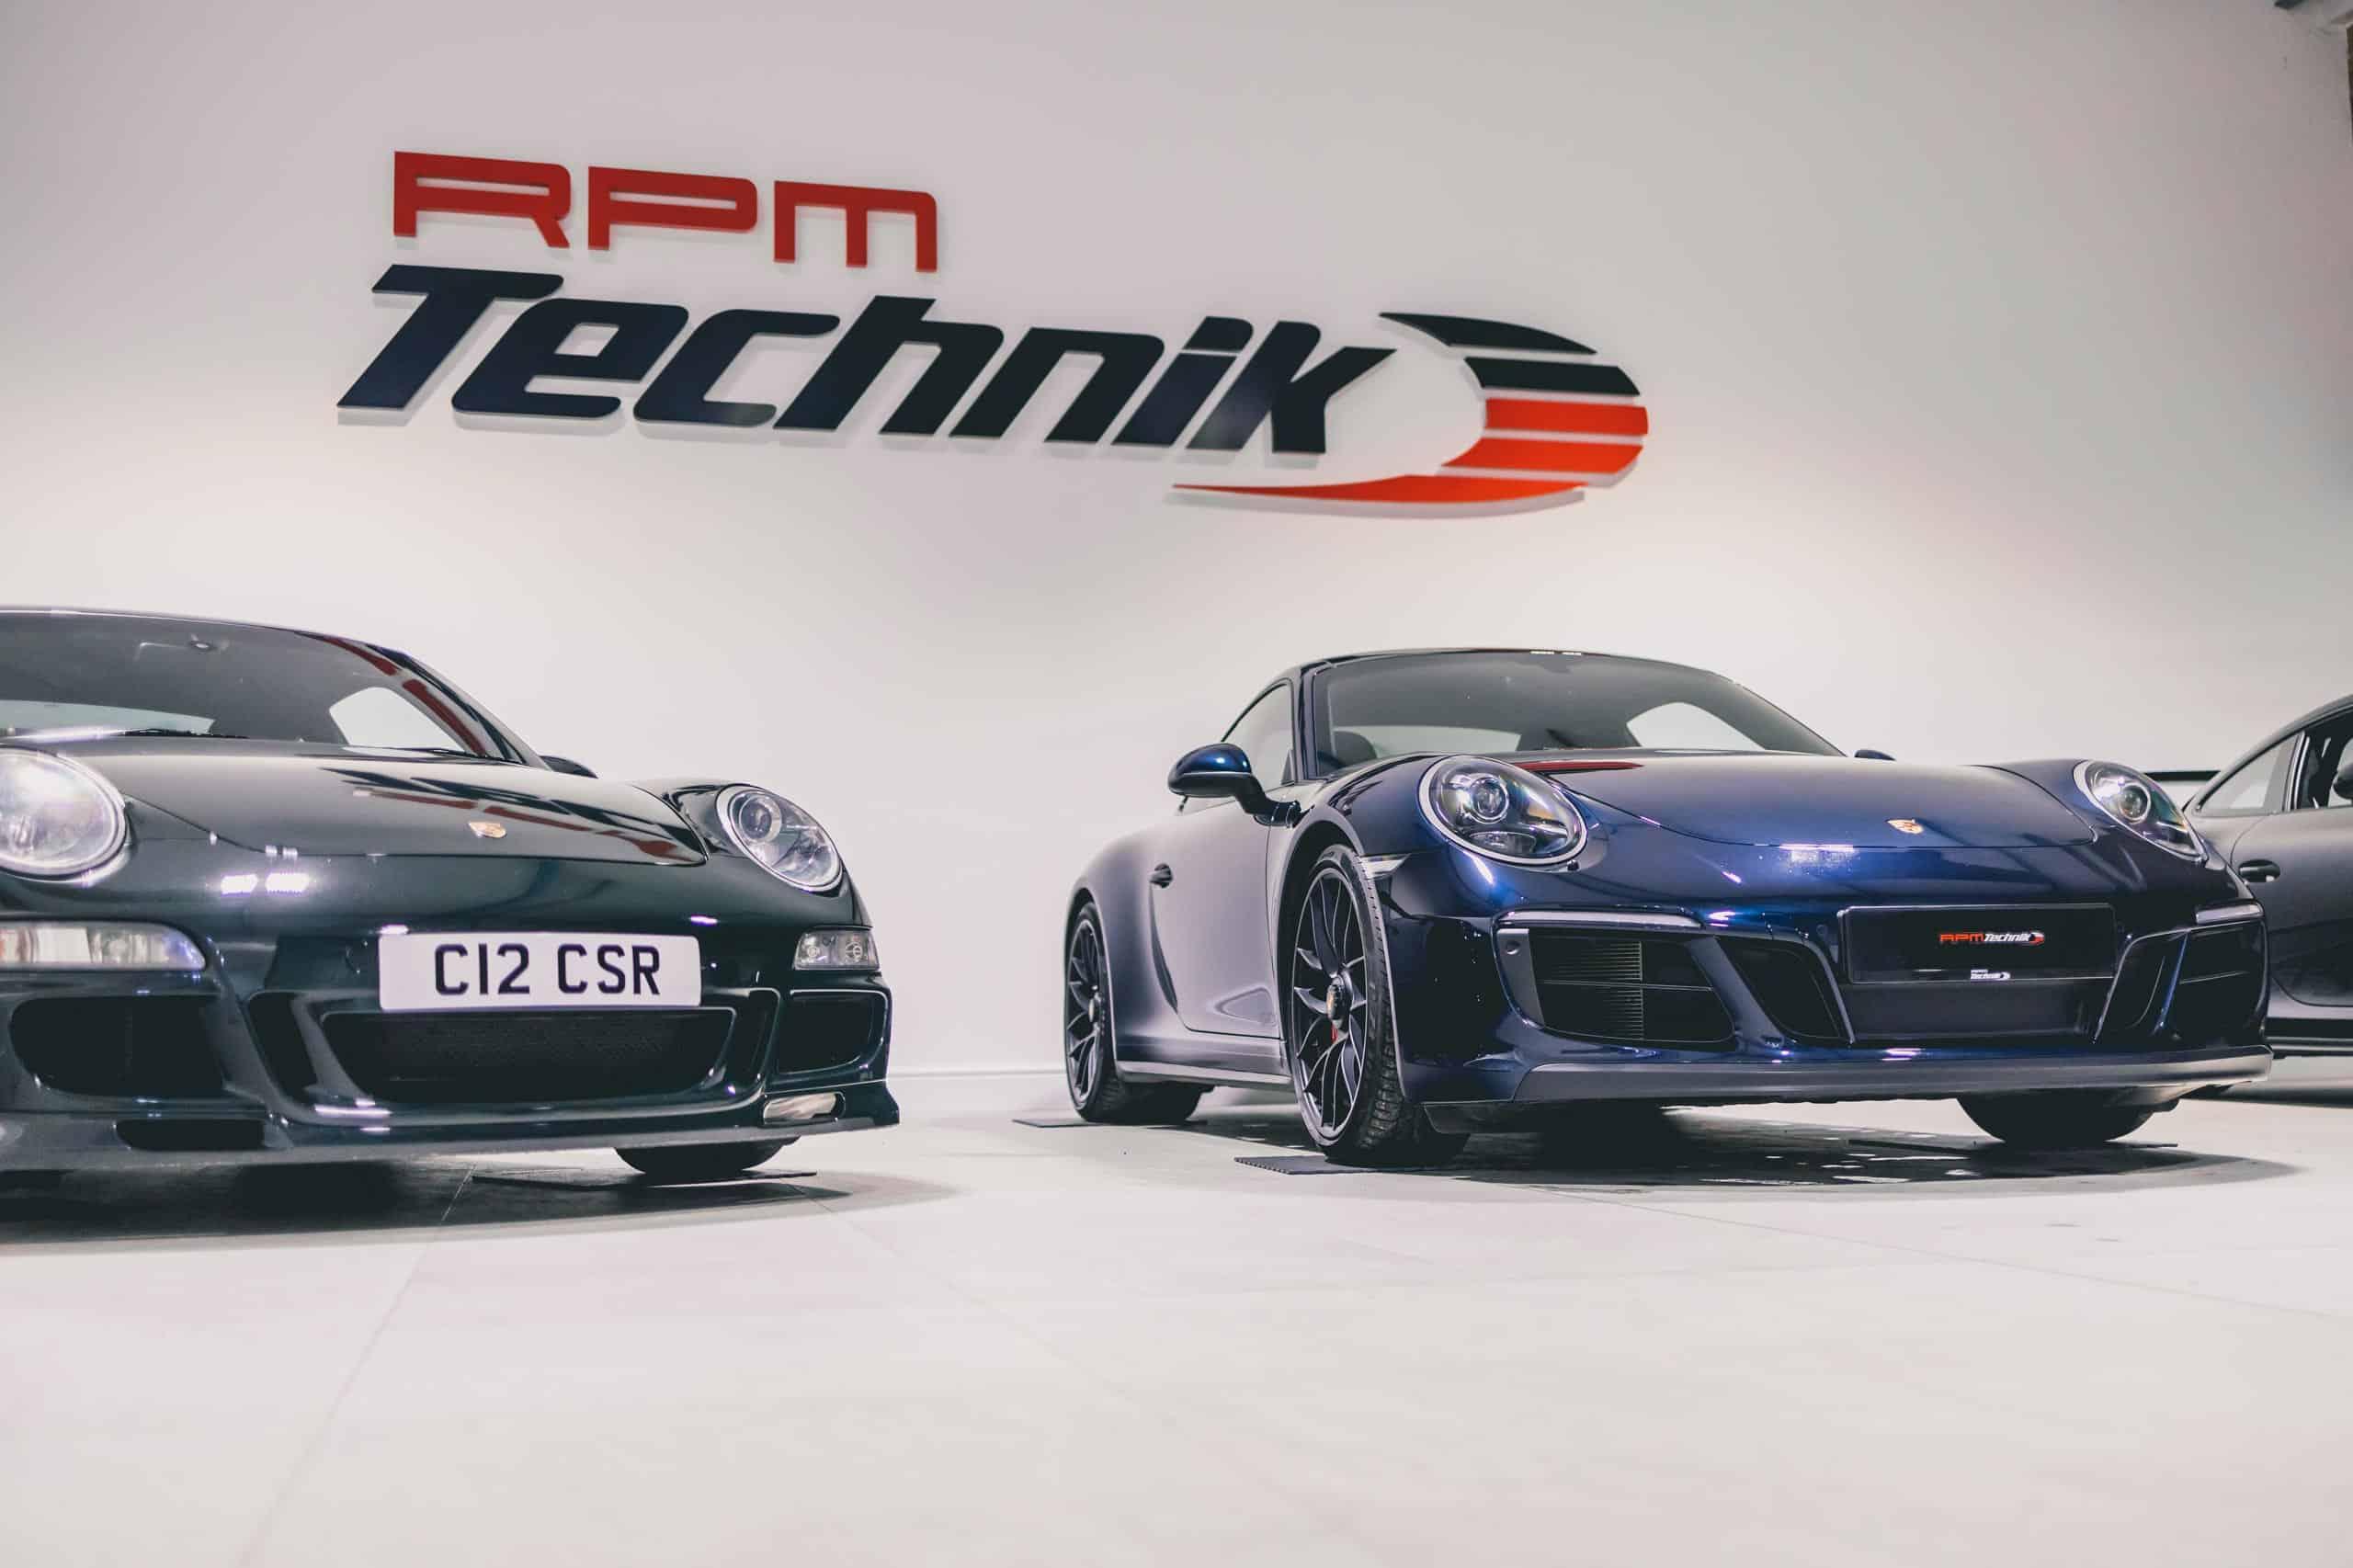 rpm-technik-showroom-911s